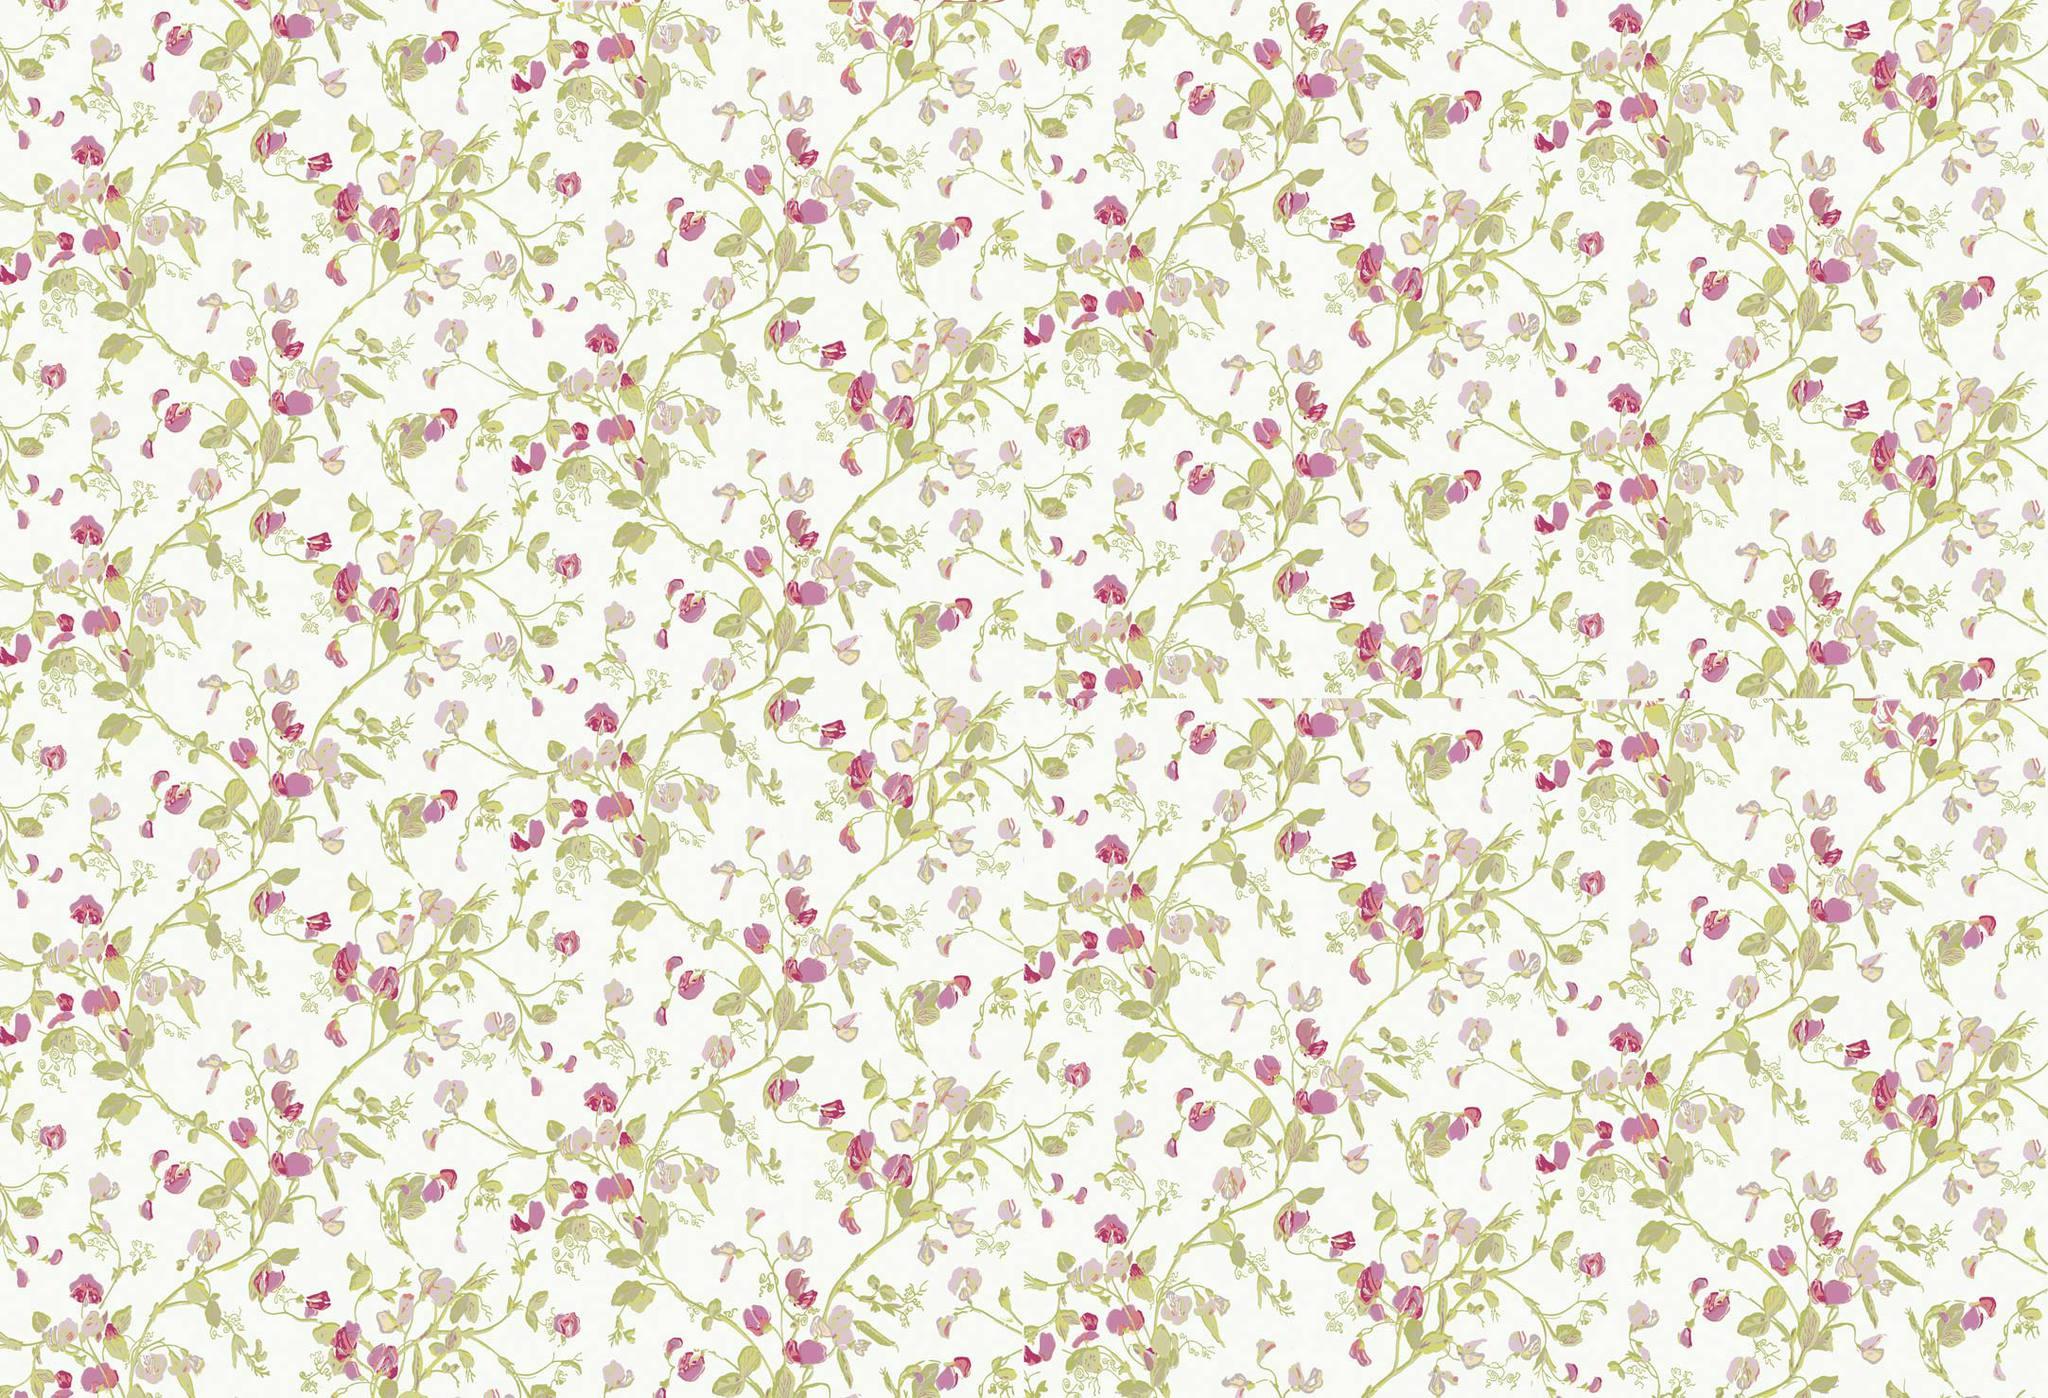 Обои Cole & Son Collection of Flowers 81/11048, интернет магазин Волео